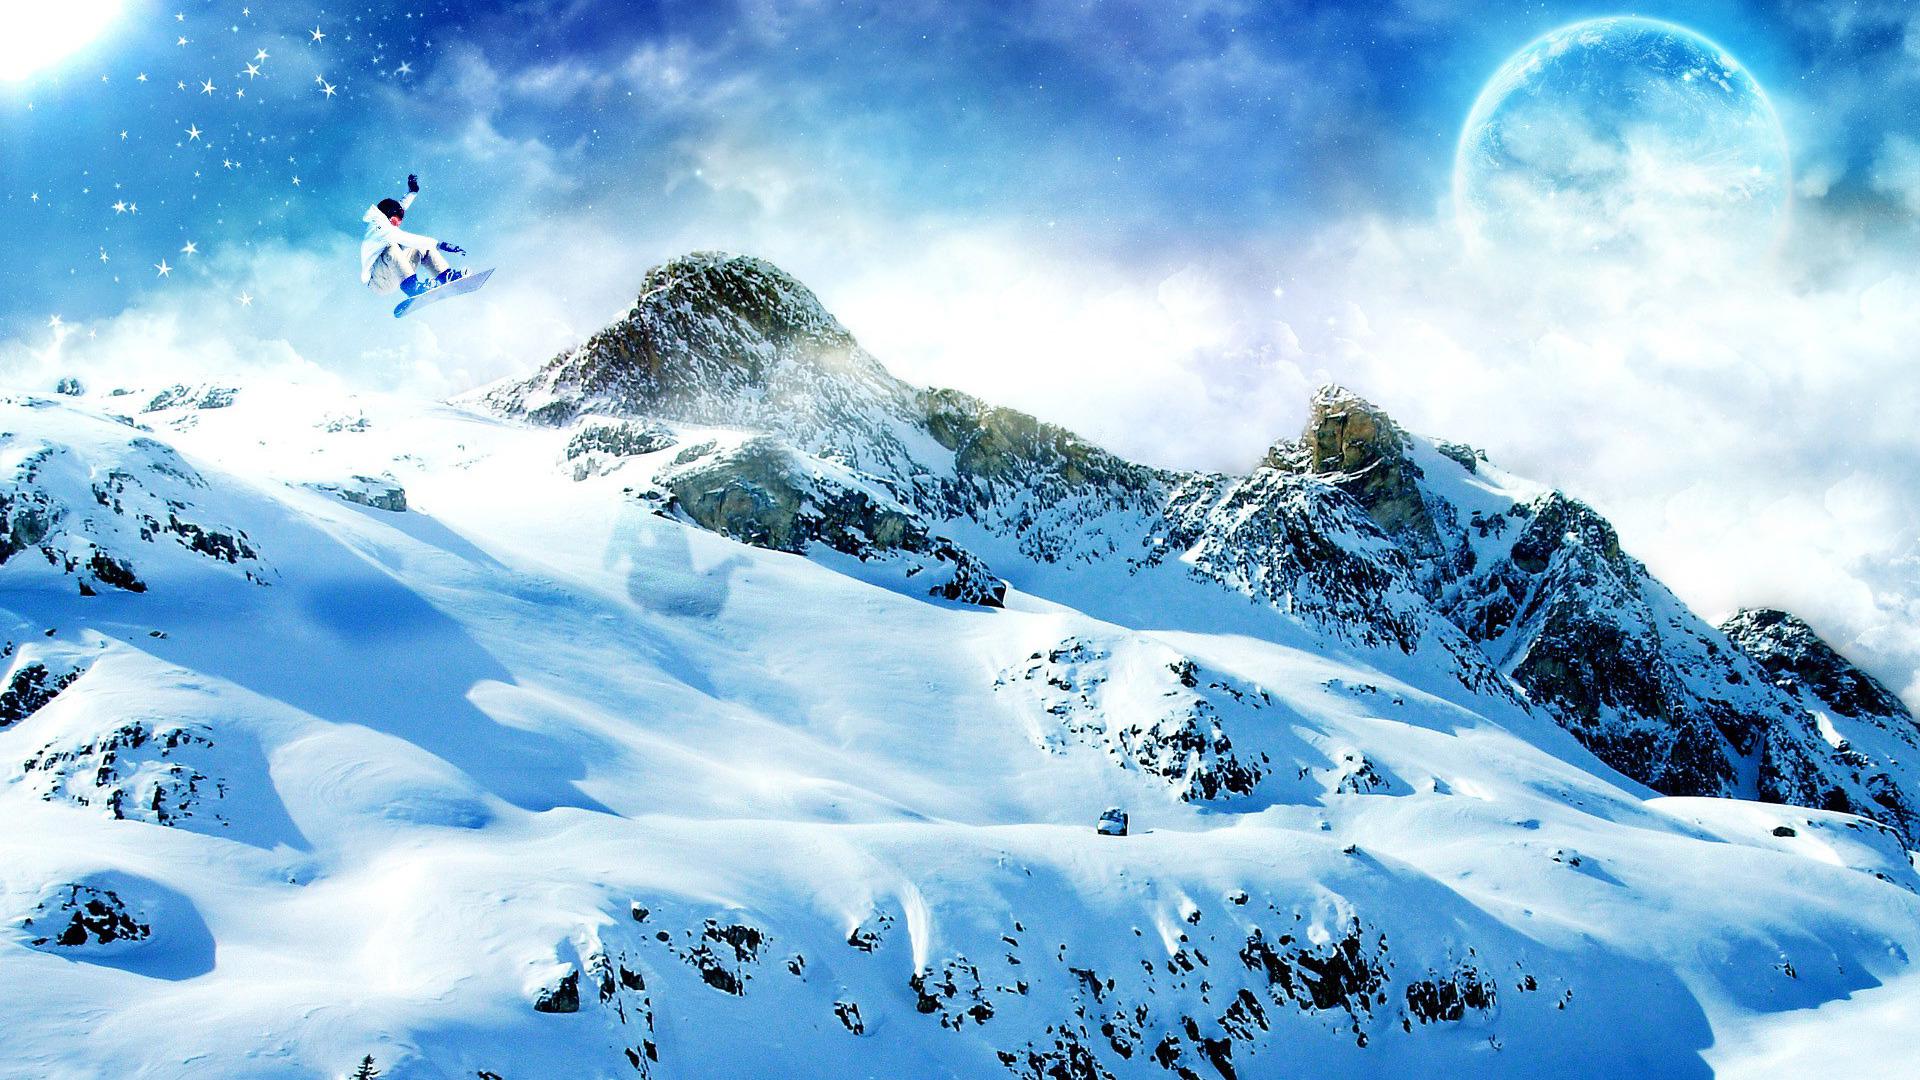 снег ели гора snow ate mountain  № 2479210 бесплатно